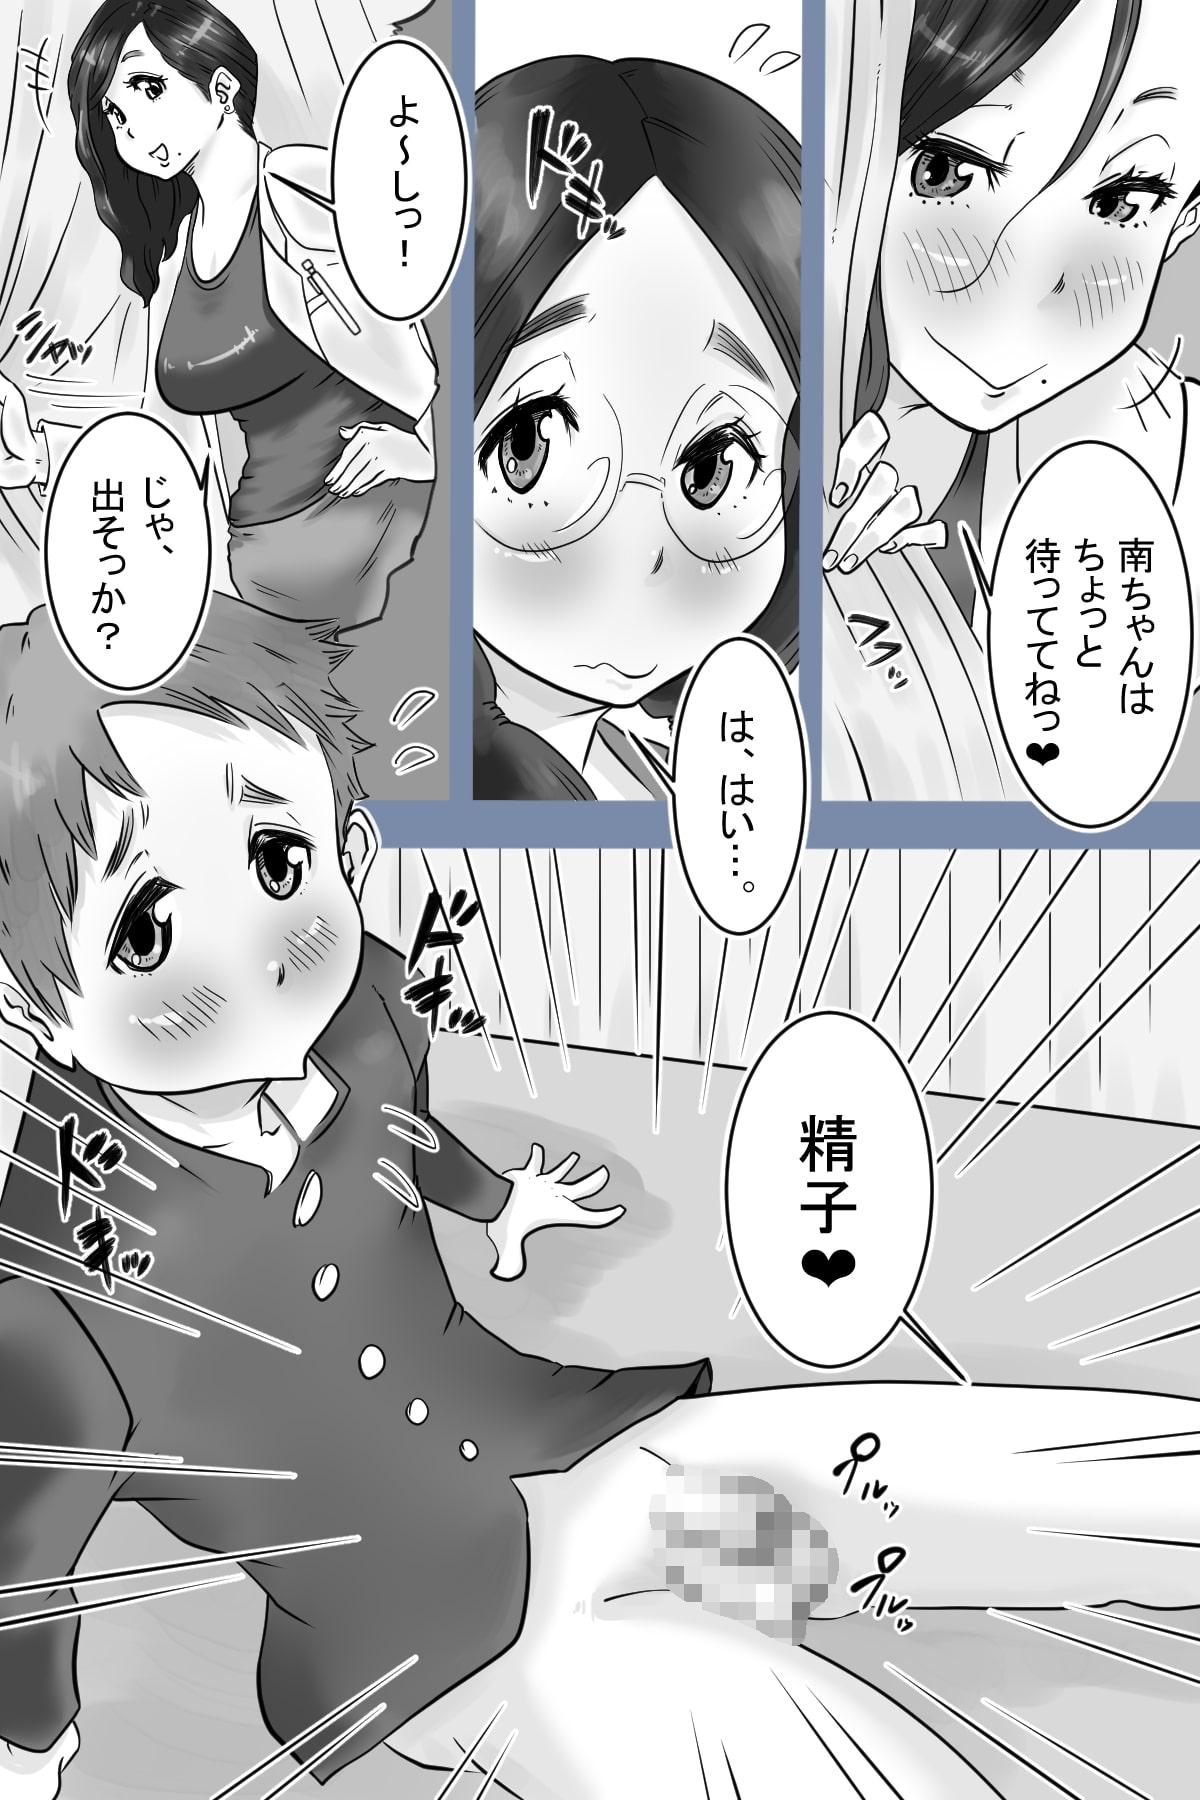 保健委員南ちゃんの吐精日誌のサンプル画像